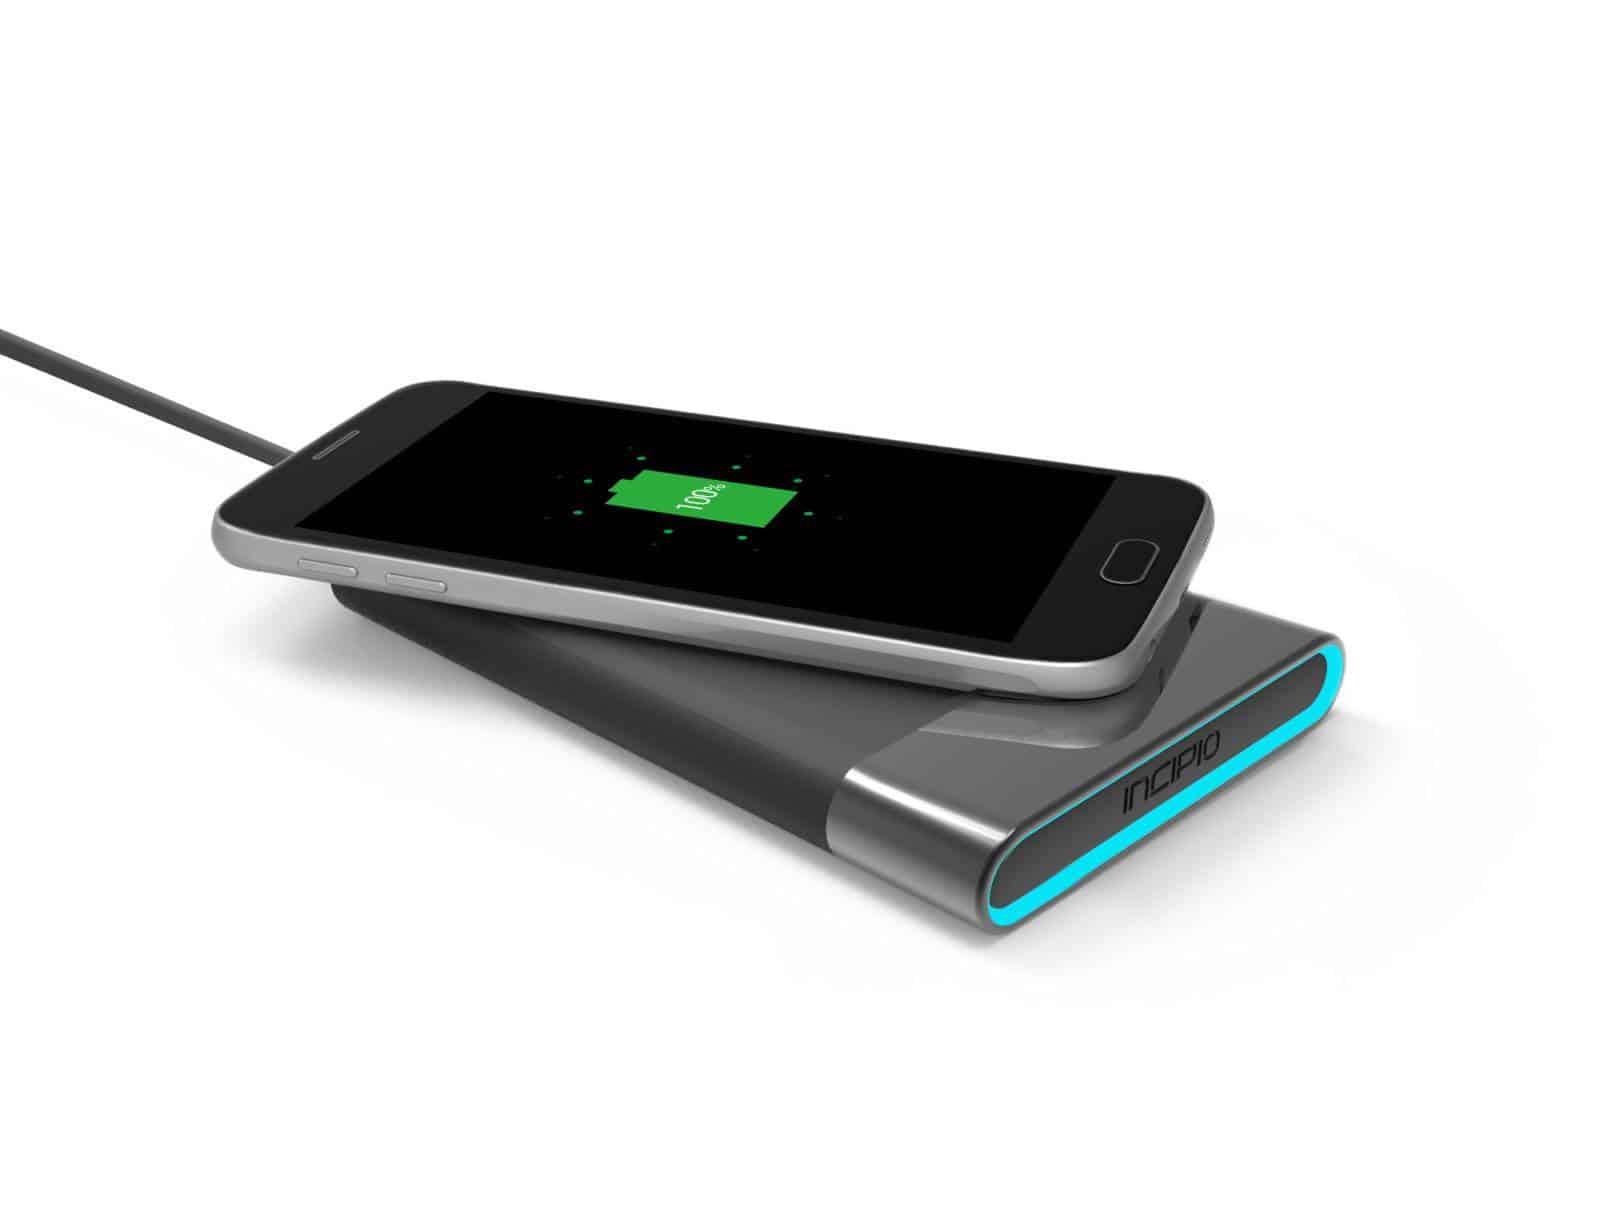 Incipio_15WQi Ghost Wireless Charging Pad